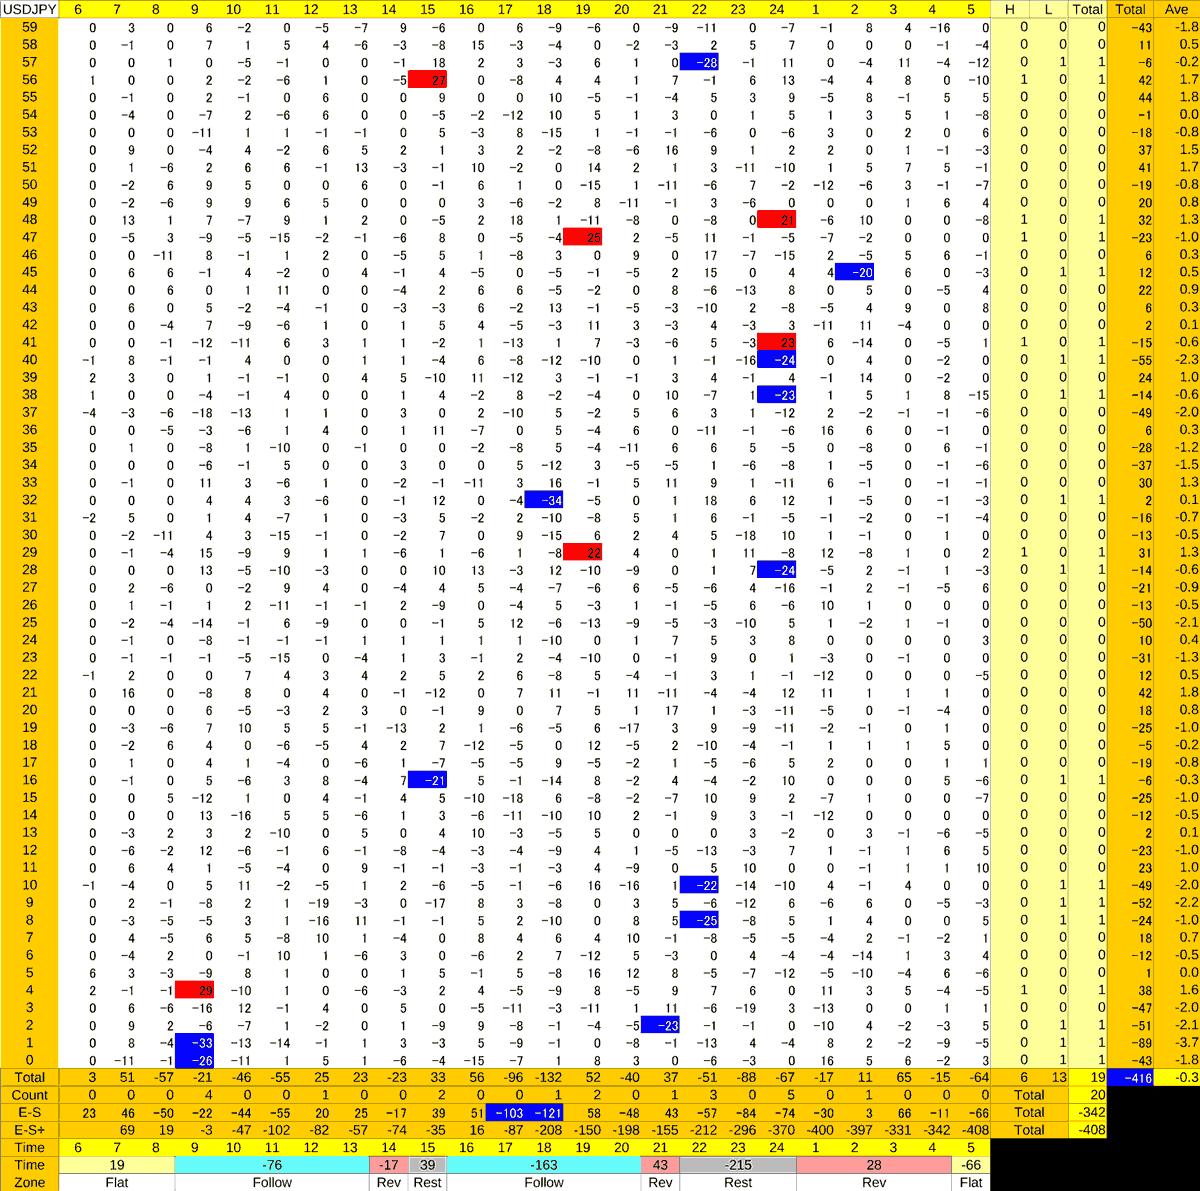 20201027_HS(1)USDJPY